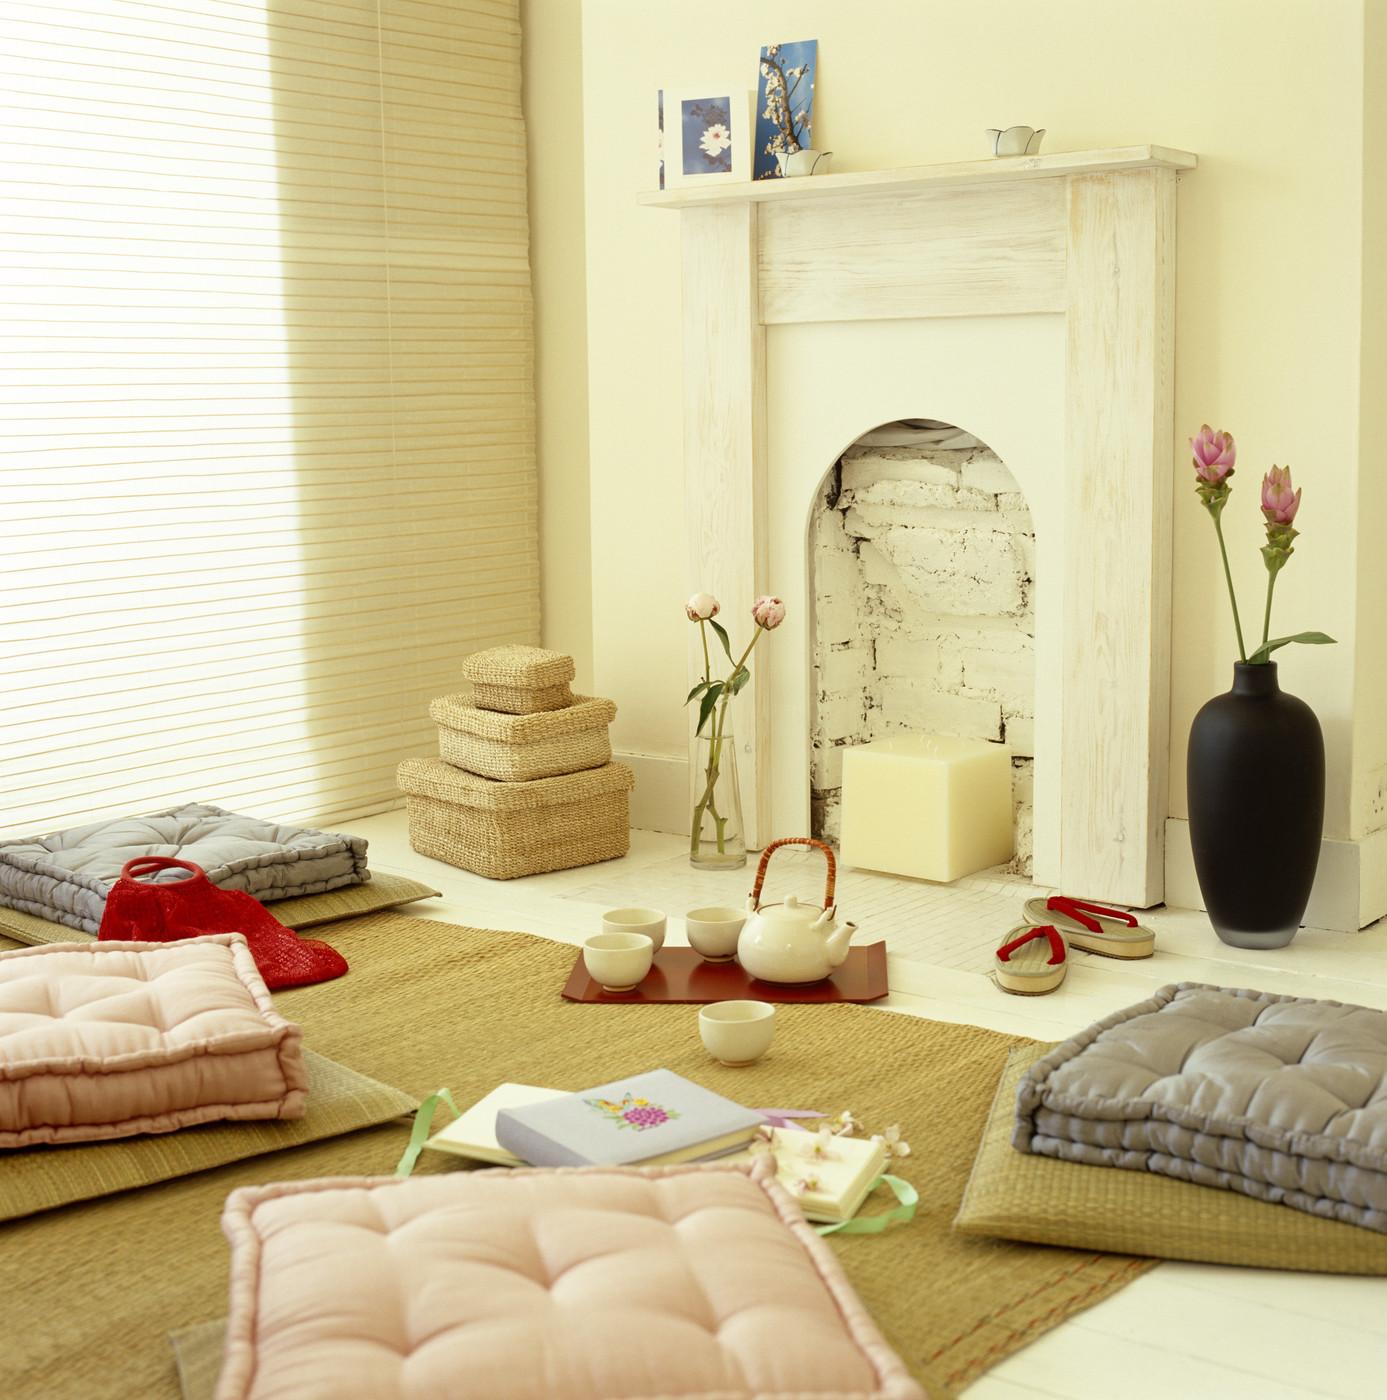 classic floor cushion seating décor ideas